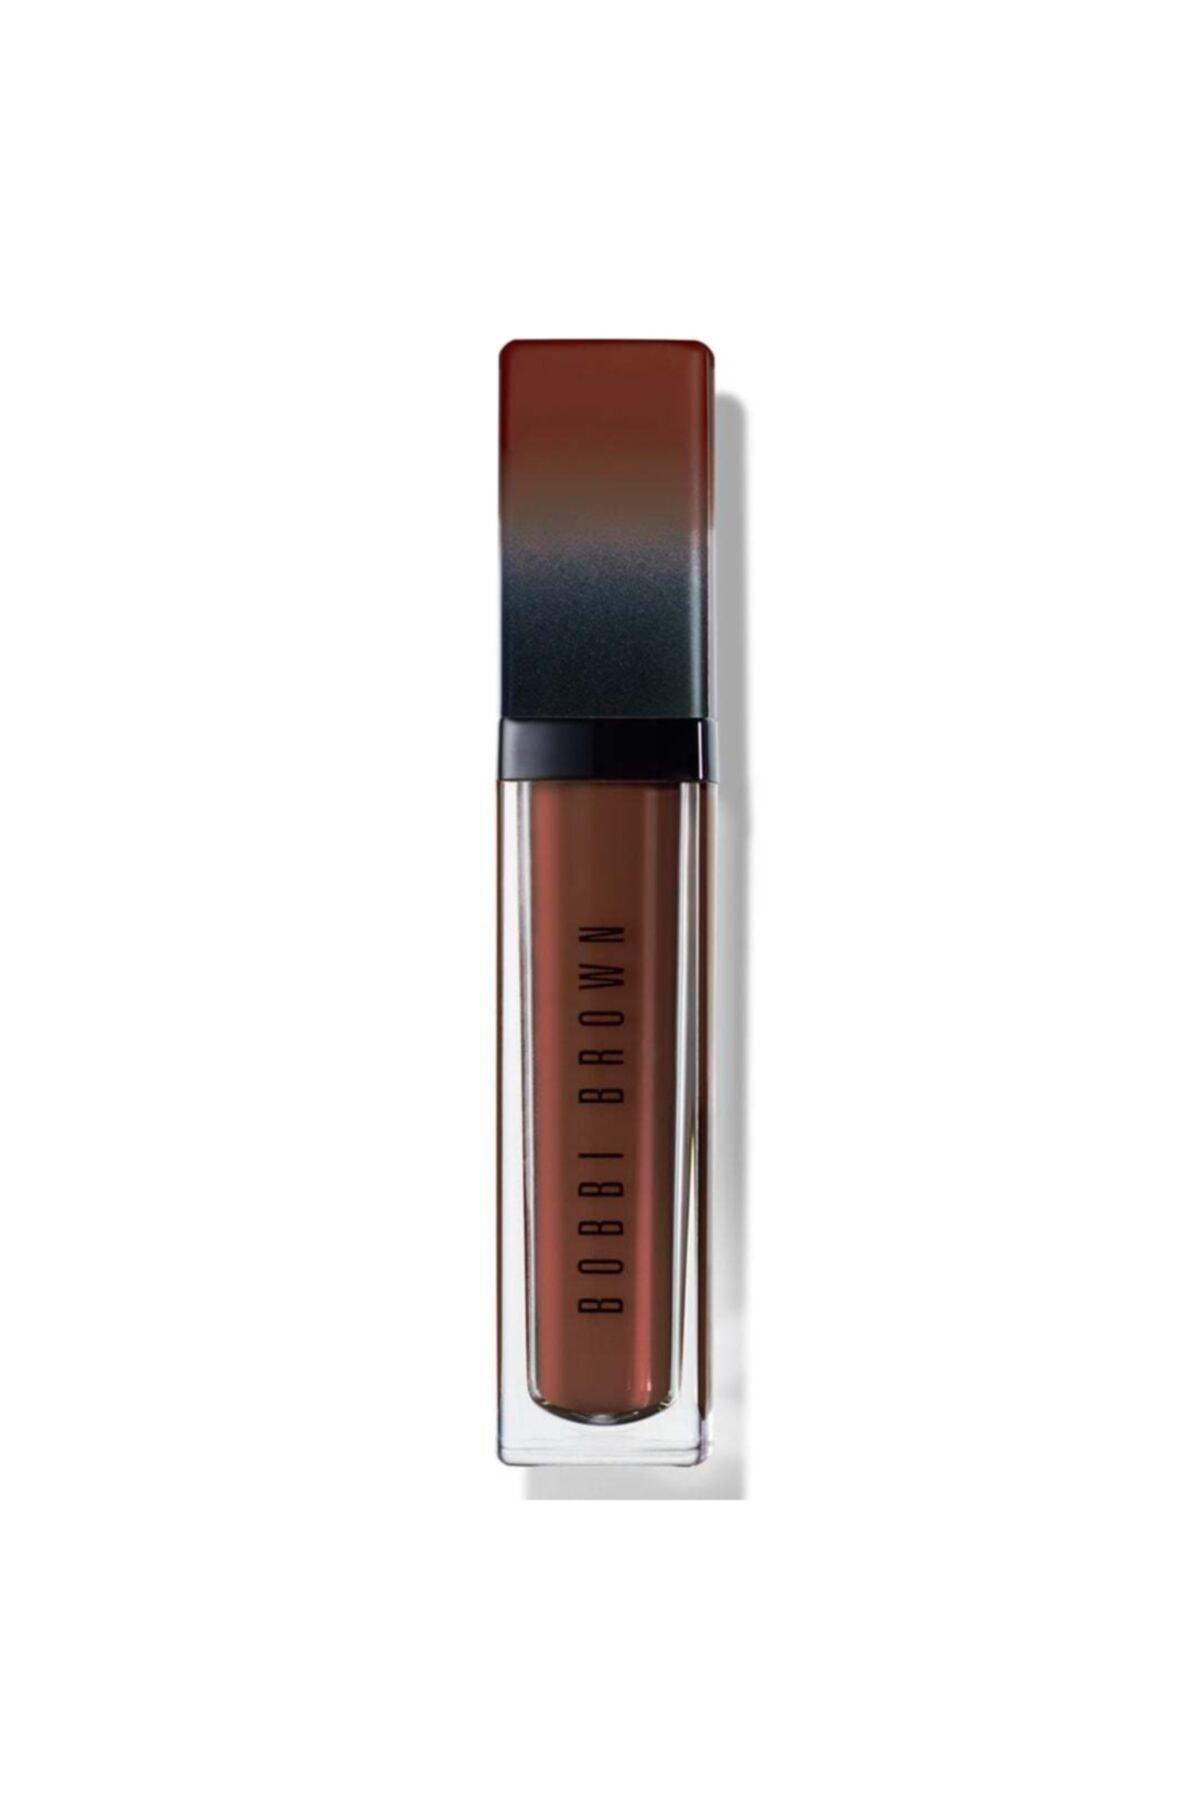 BOBBI BROWN Likit Ruj - Crushed Liquid Lip Ambre 5 ml 716170230382 1